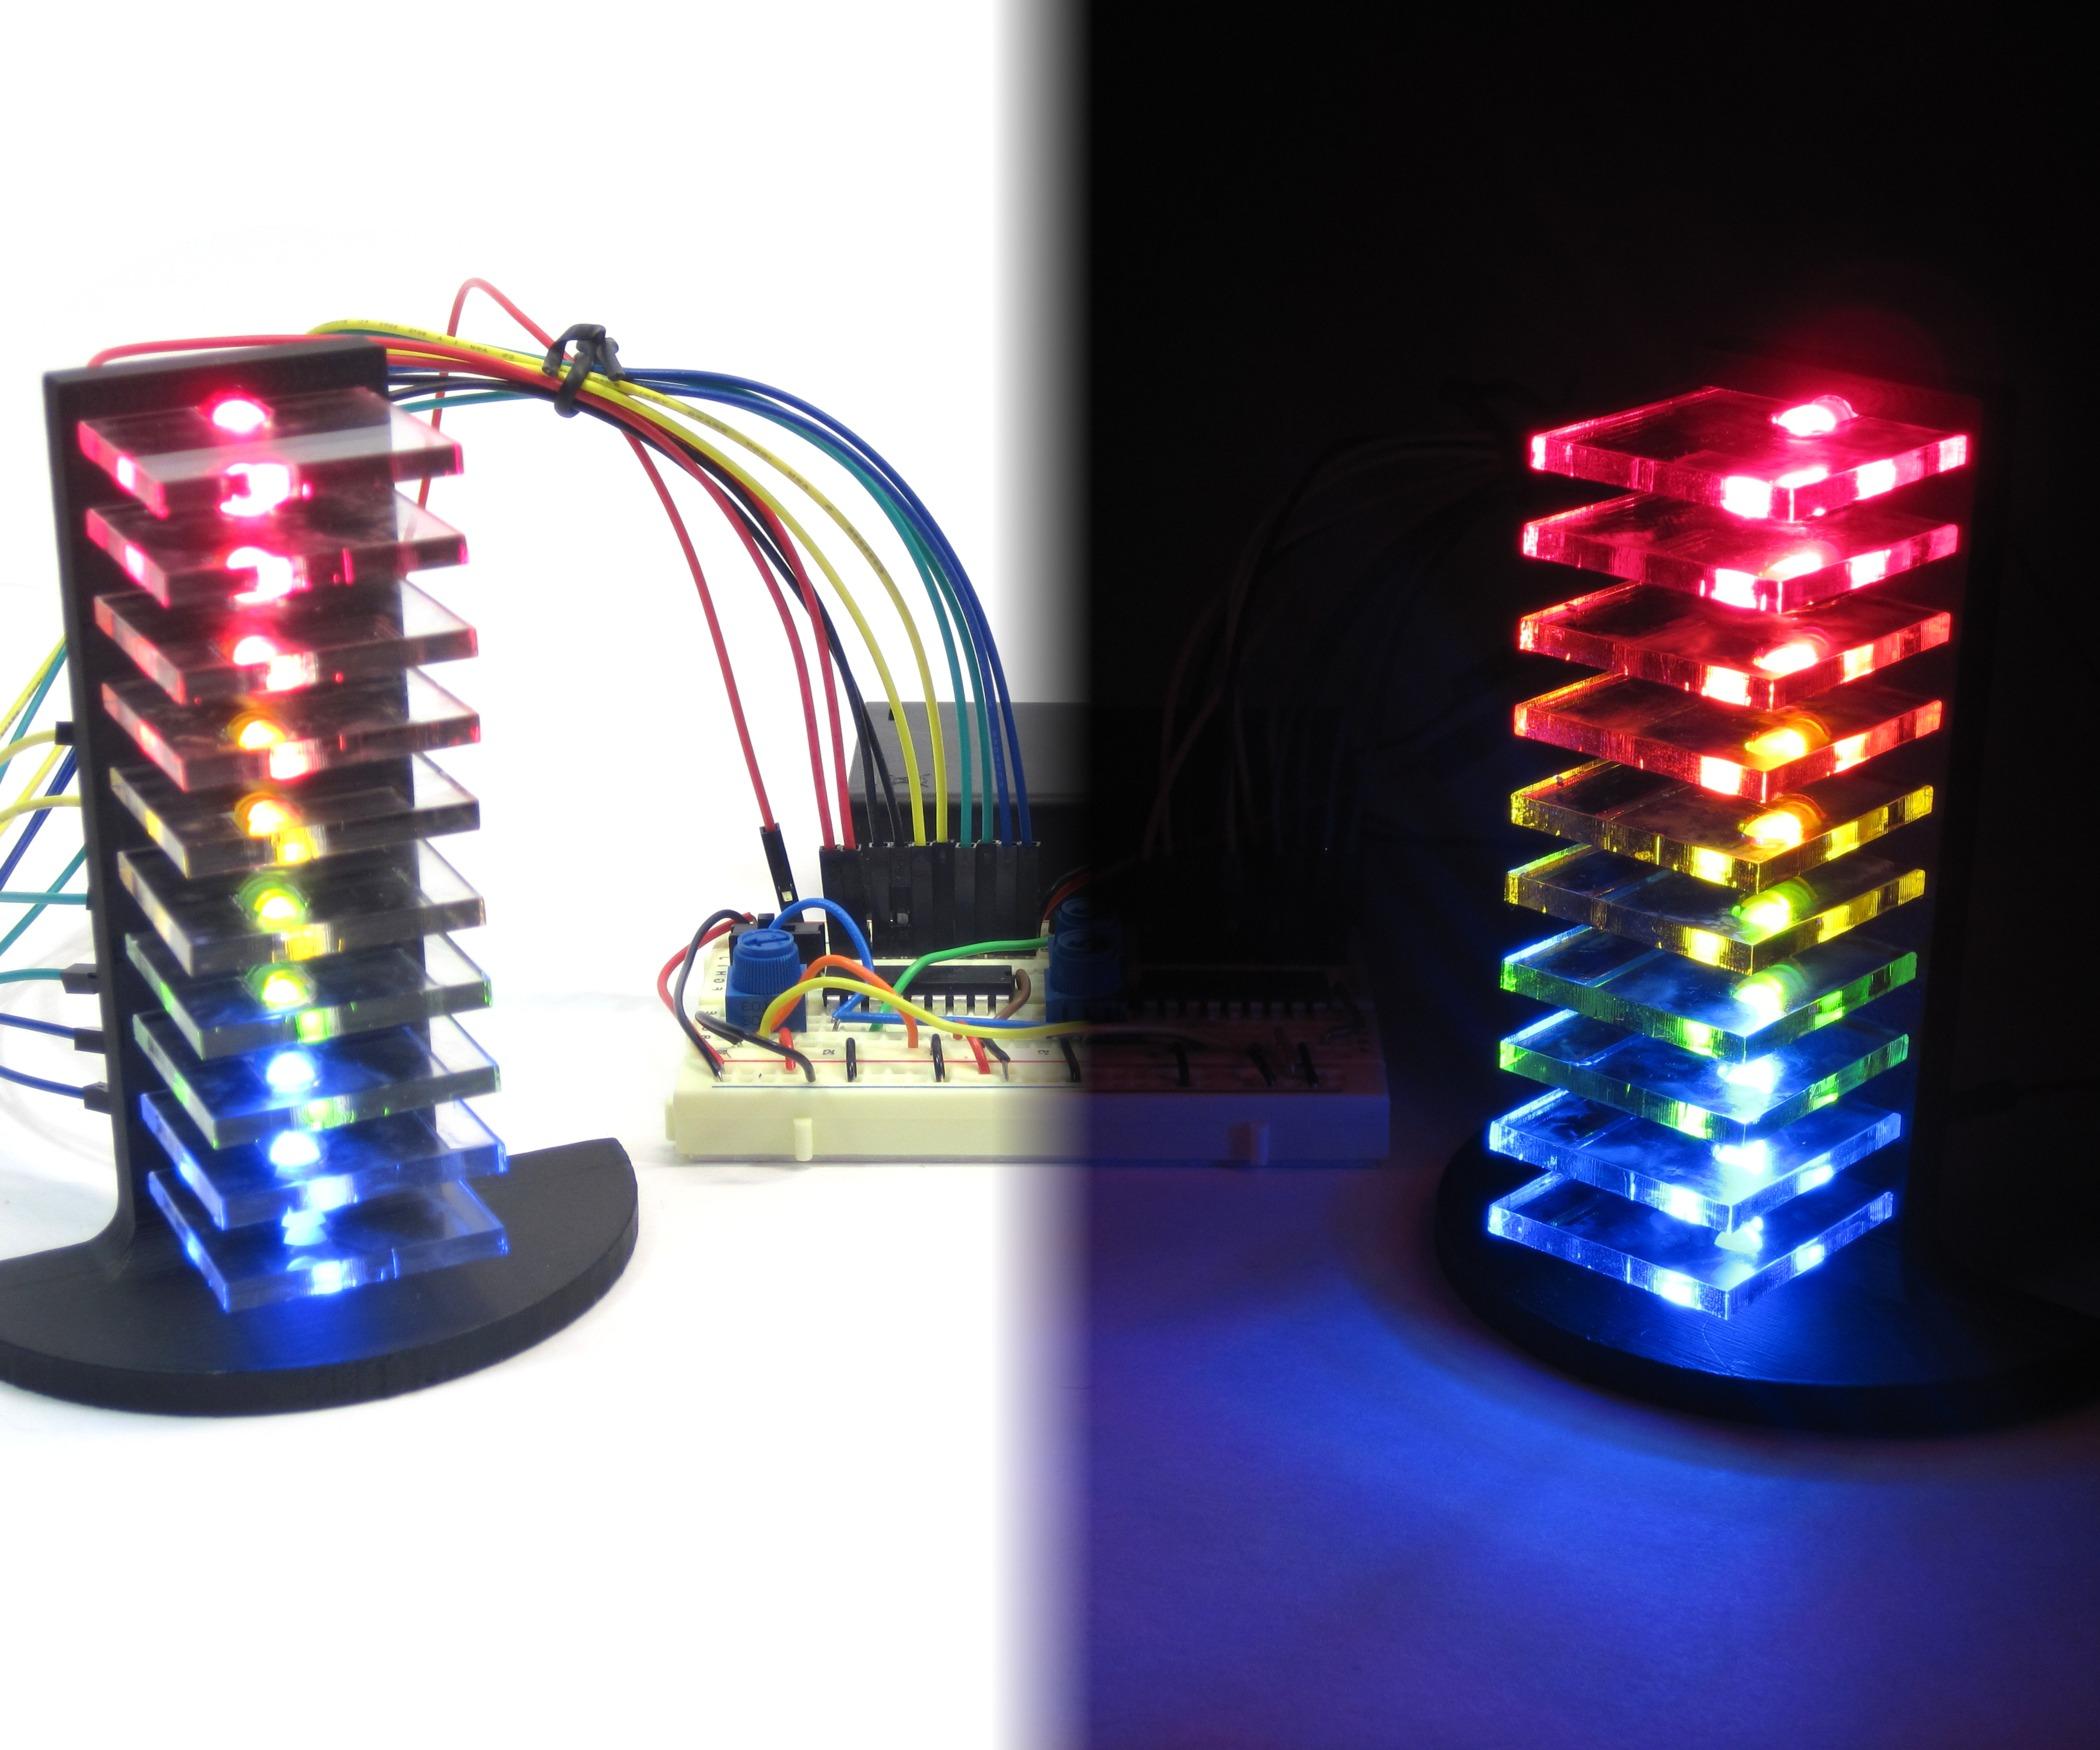 مدار ساخت اکولایزر 12 ال ای دی جدید